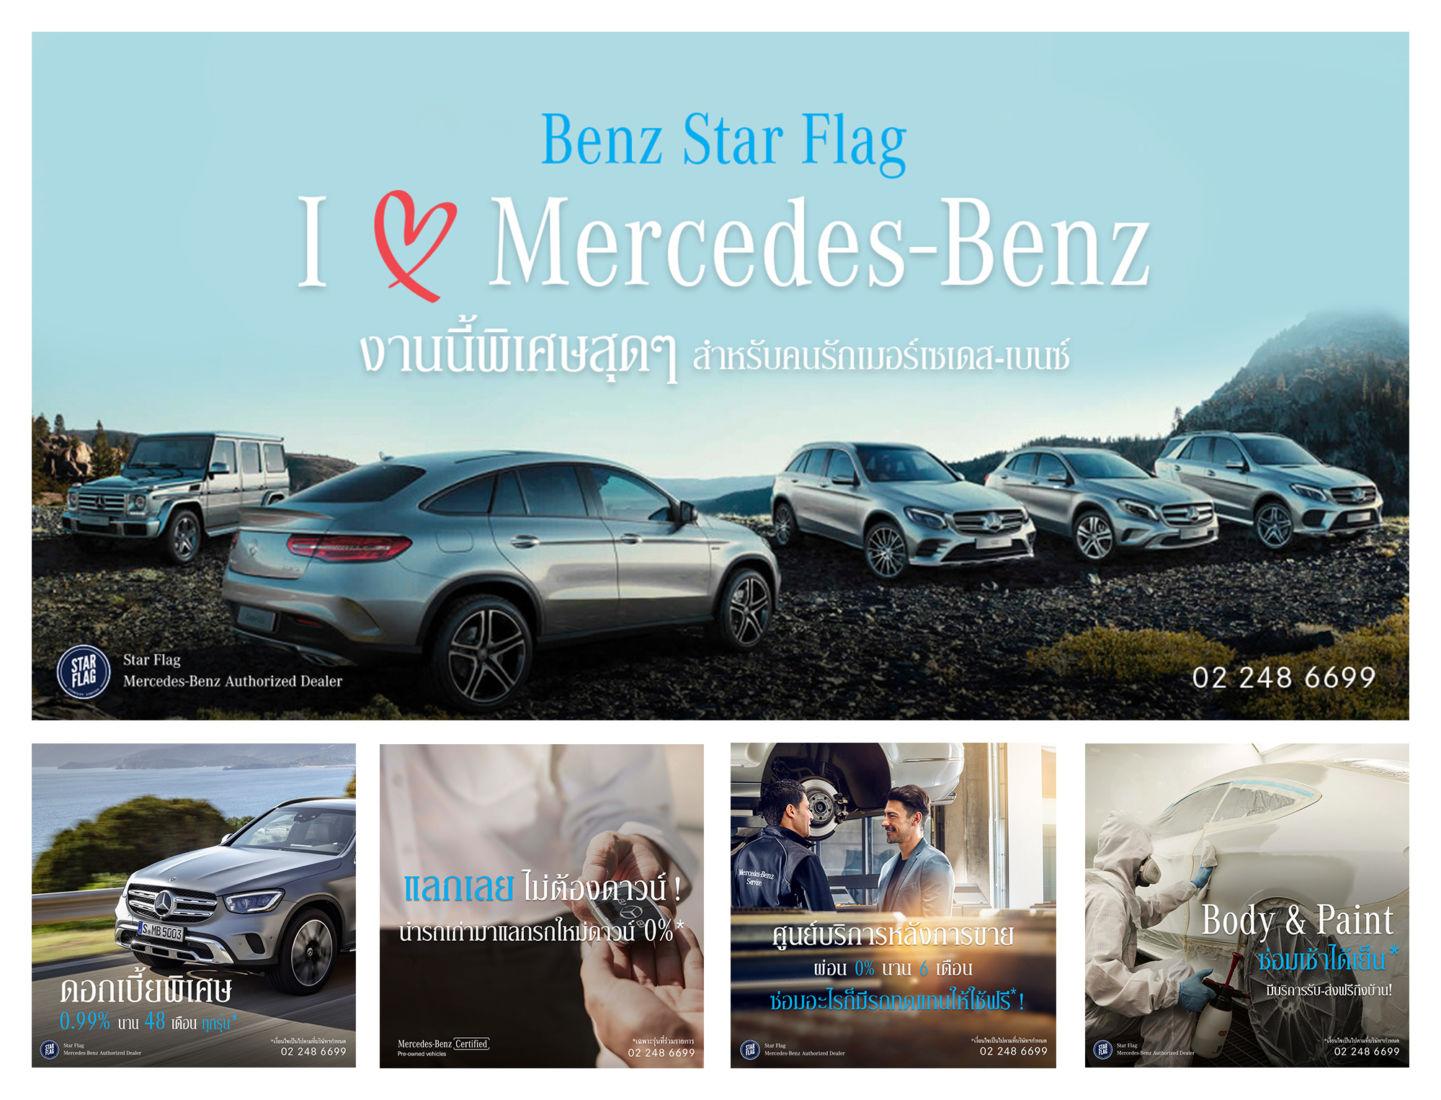 เบนซ์สตาร์แฟลก เปิดตัว 'I Love Mercedes-Benz งานนี้พิเศษสุดๆพิเศษทุกรุ่น ทุกแผนก' | Tadoo